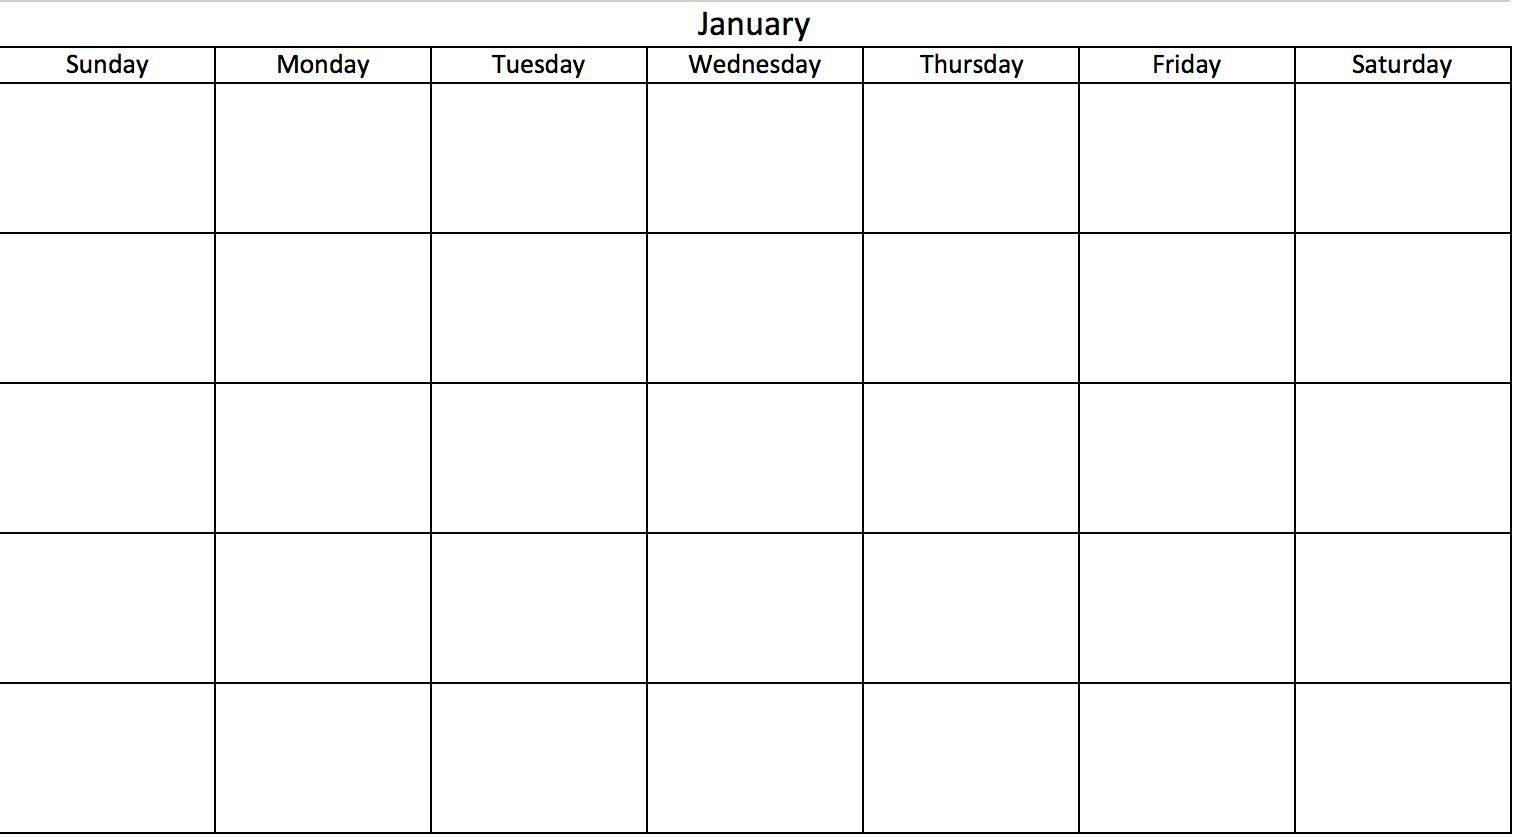 Chọn ô chỉnh sửa trong lịch